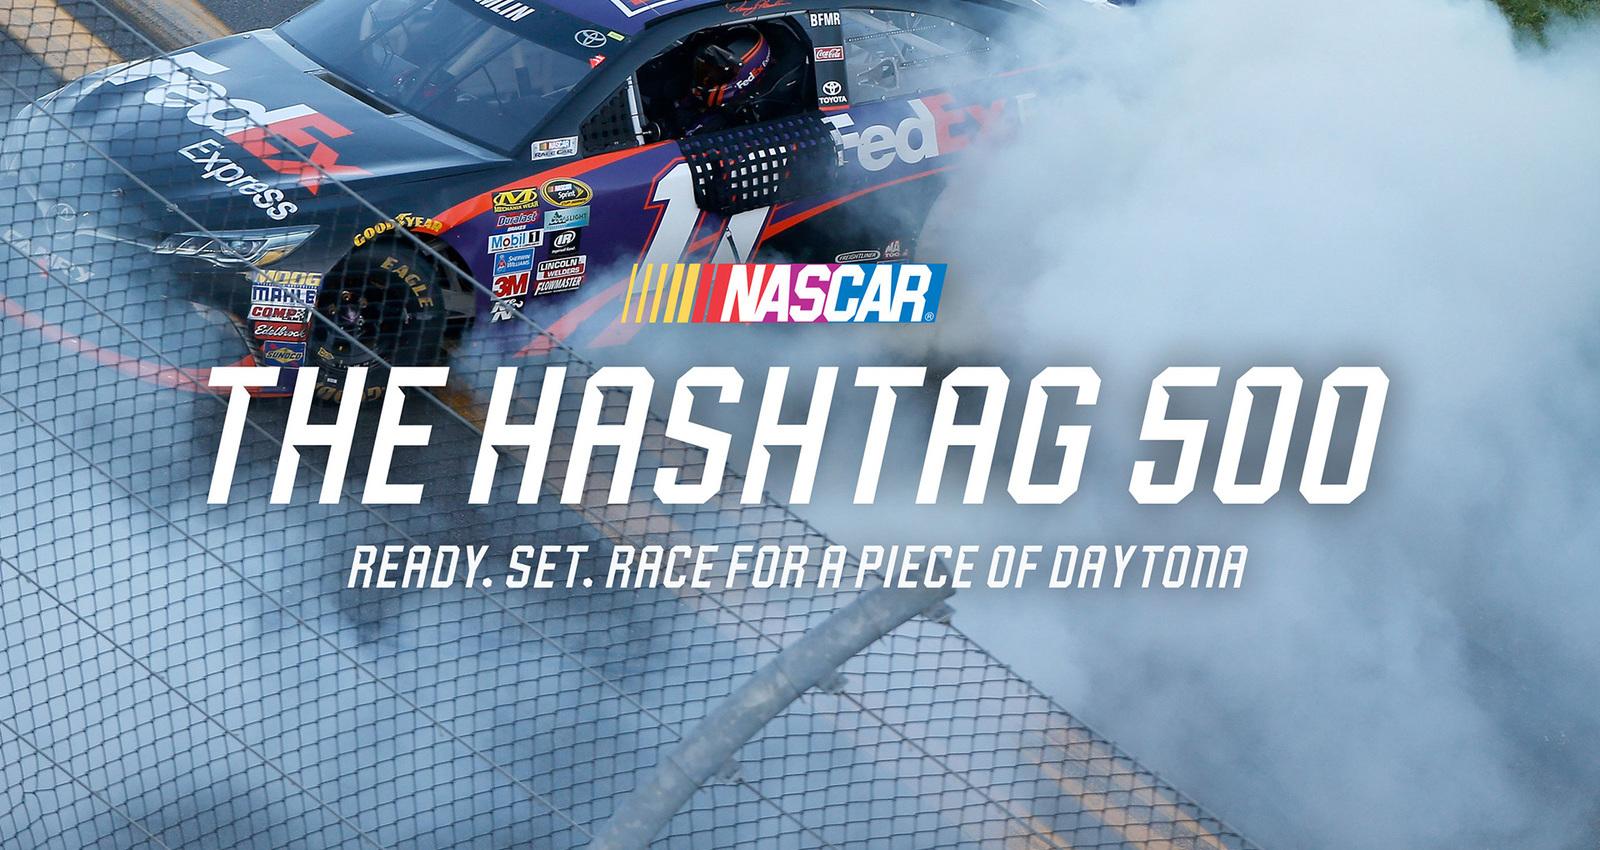 The Hashtag 500